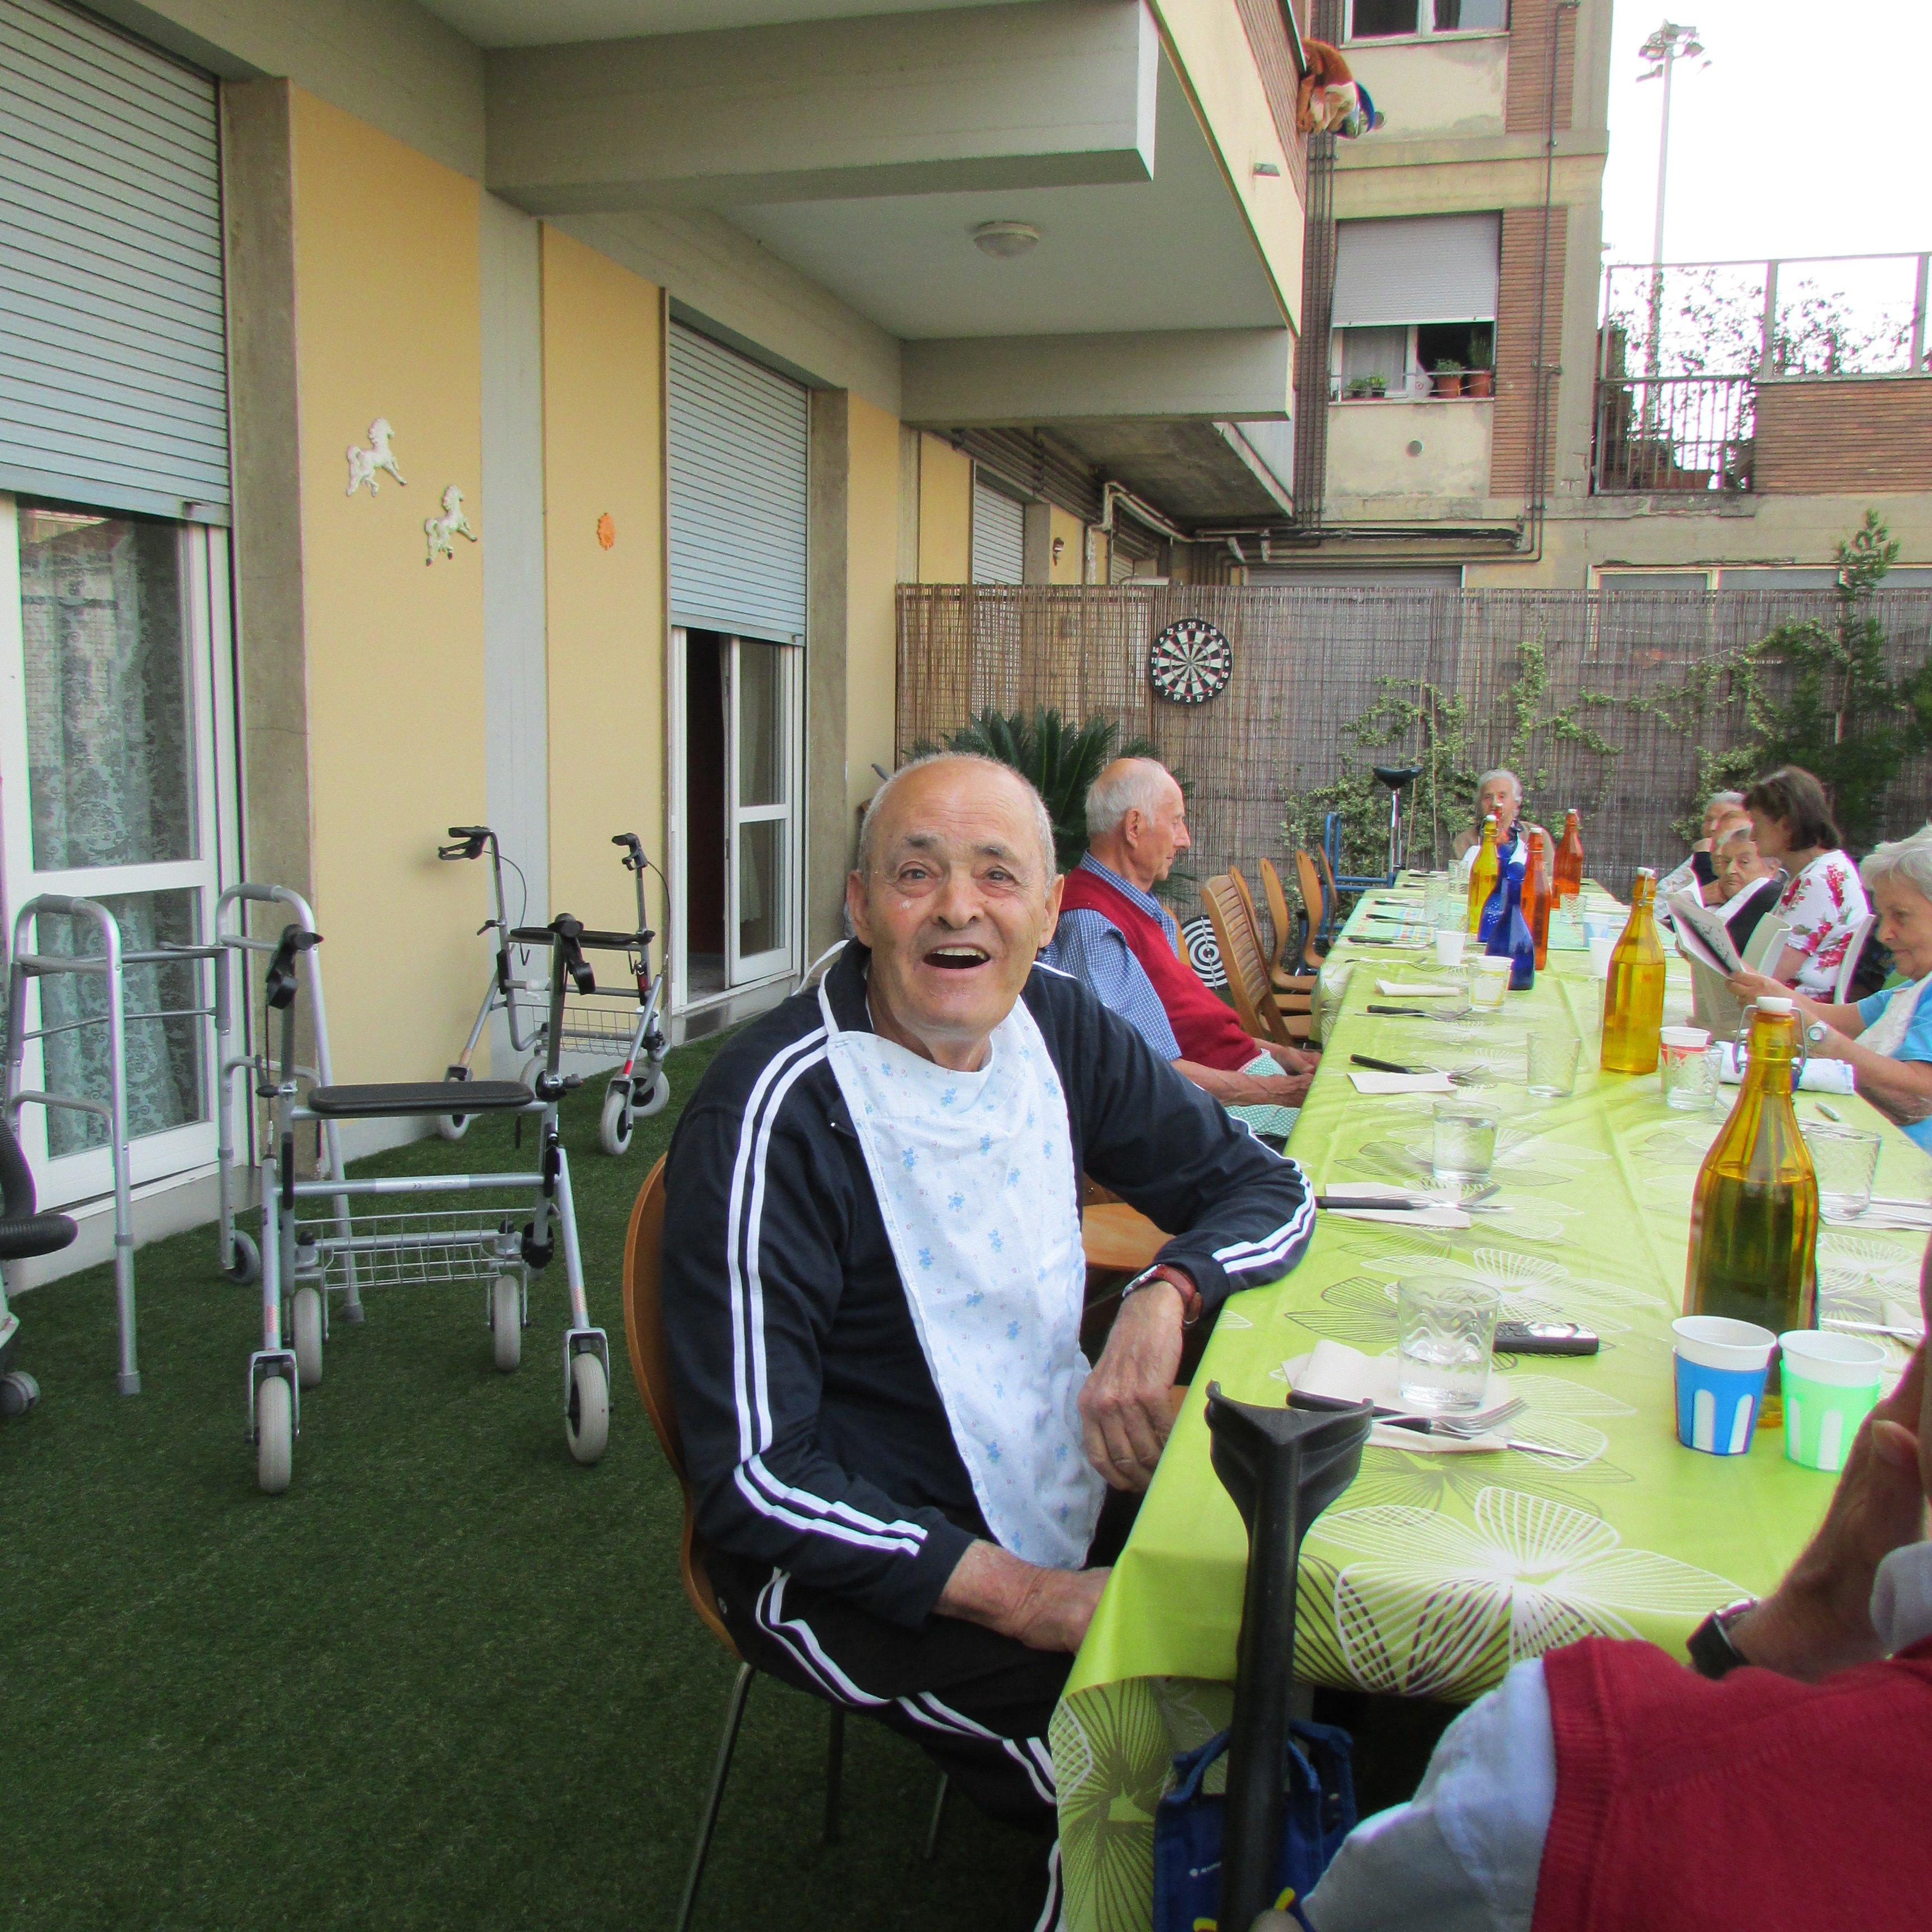 tavolata per pranzo all'aperto con primo piano persona anziana sorridsente